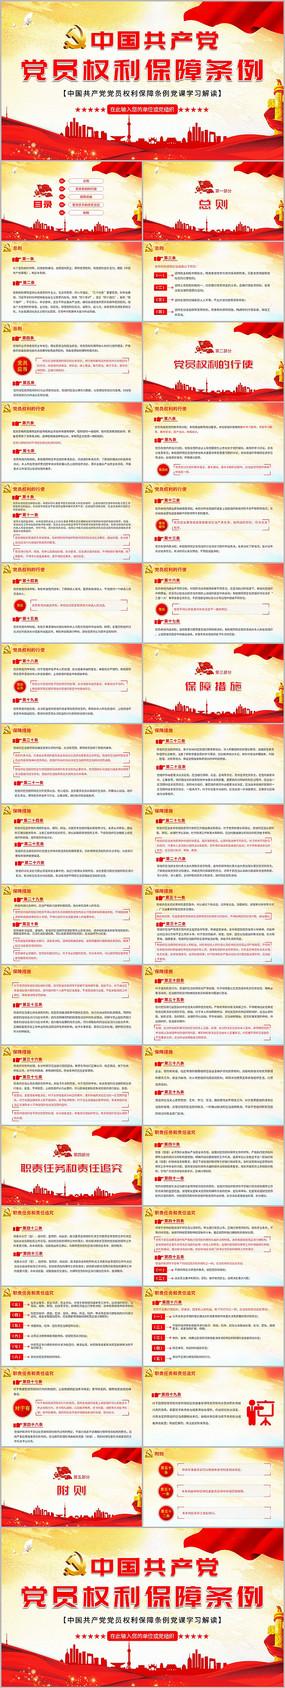 中国共产党党员权利保障条例解读PPT